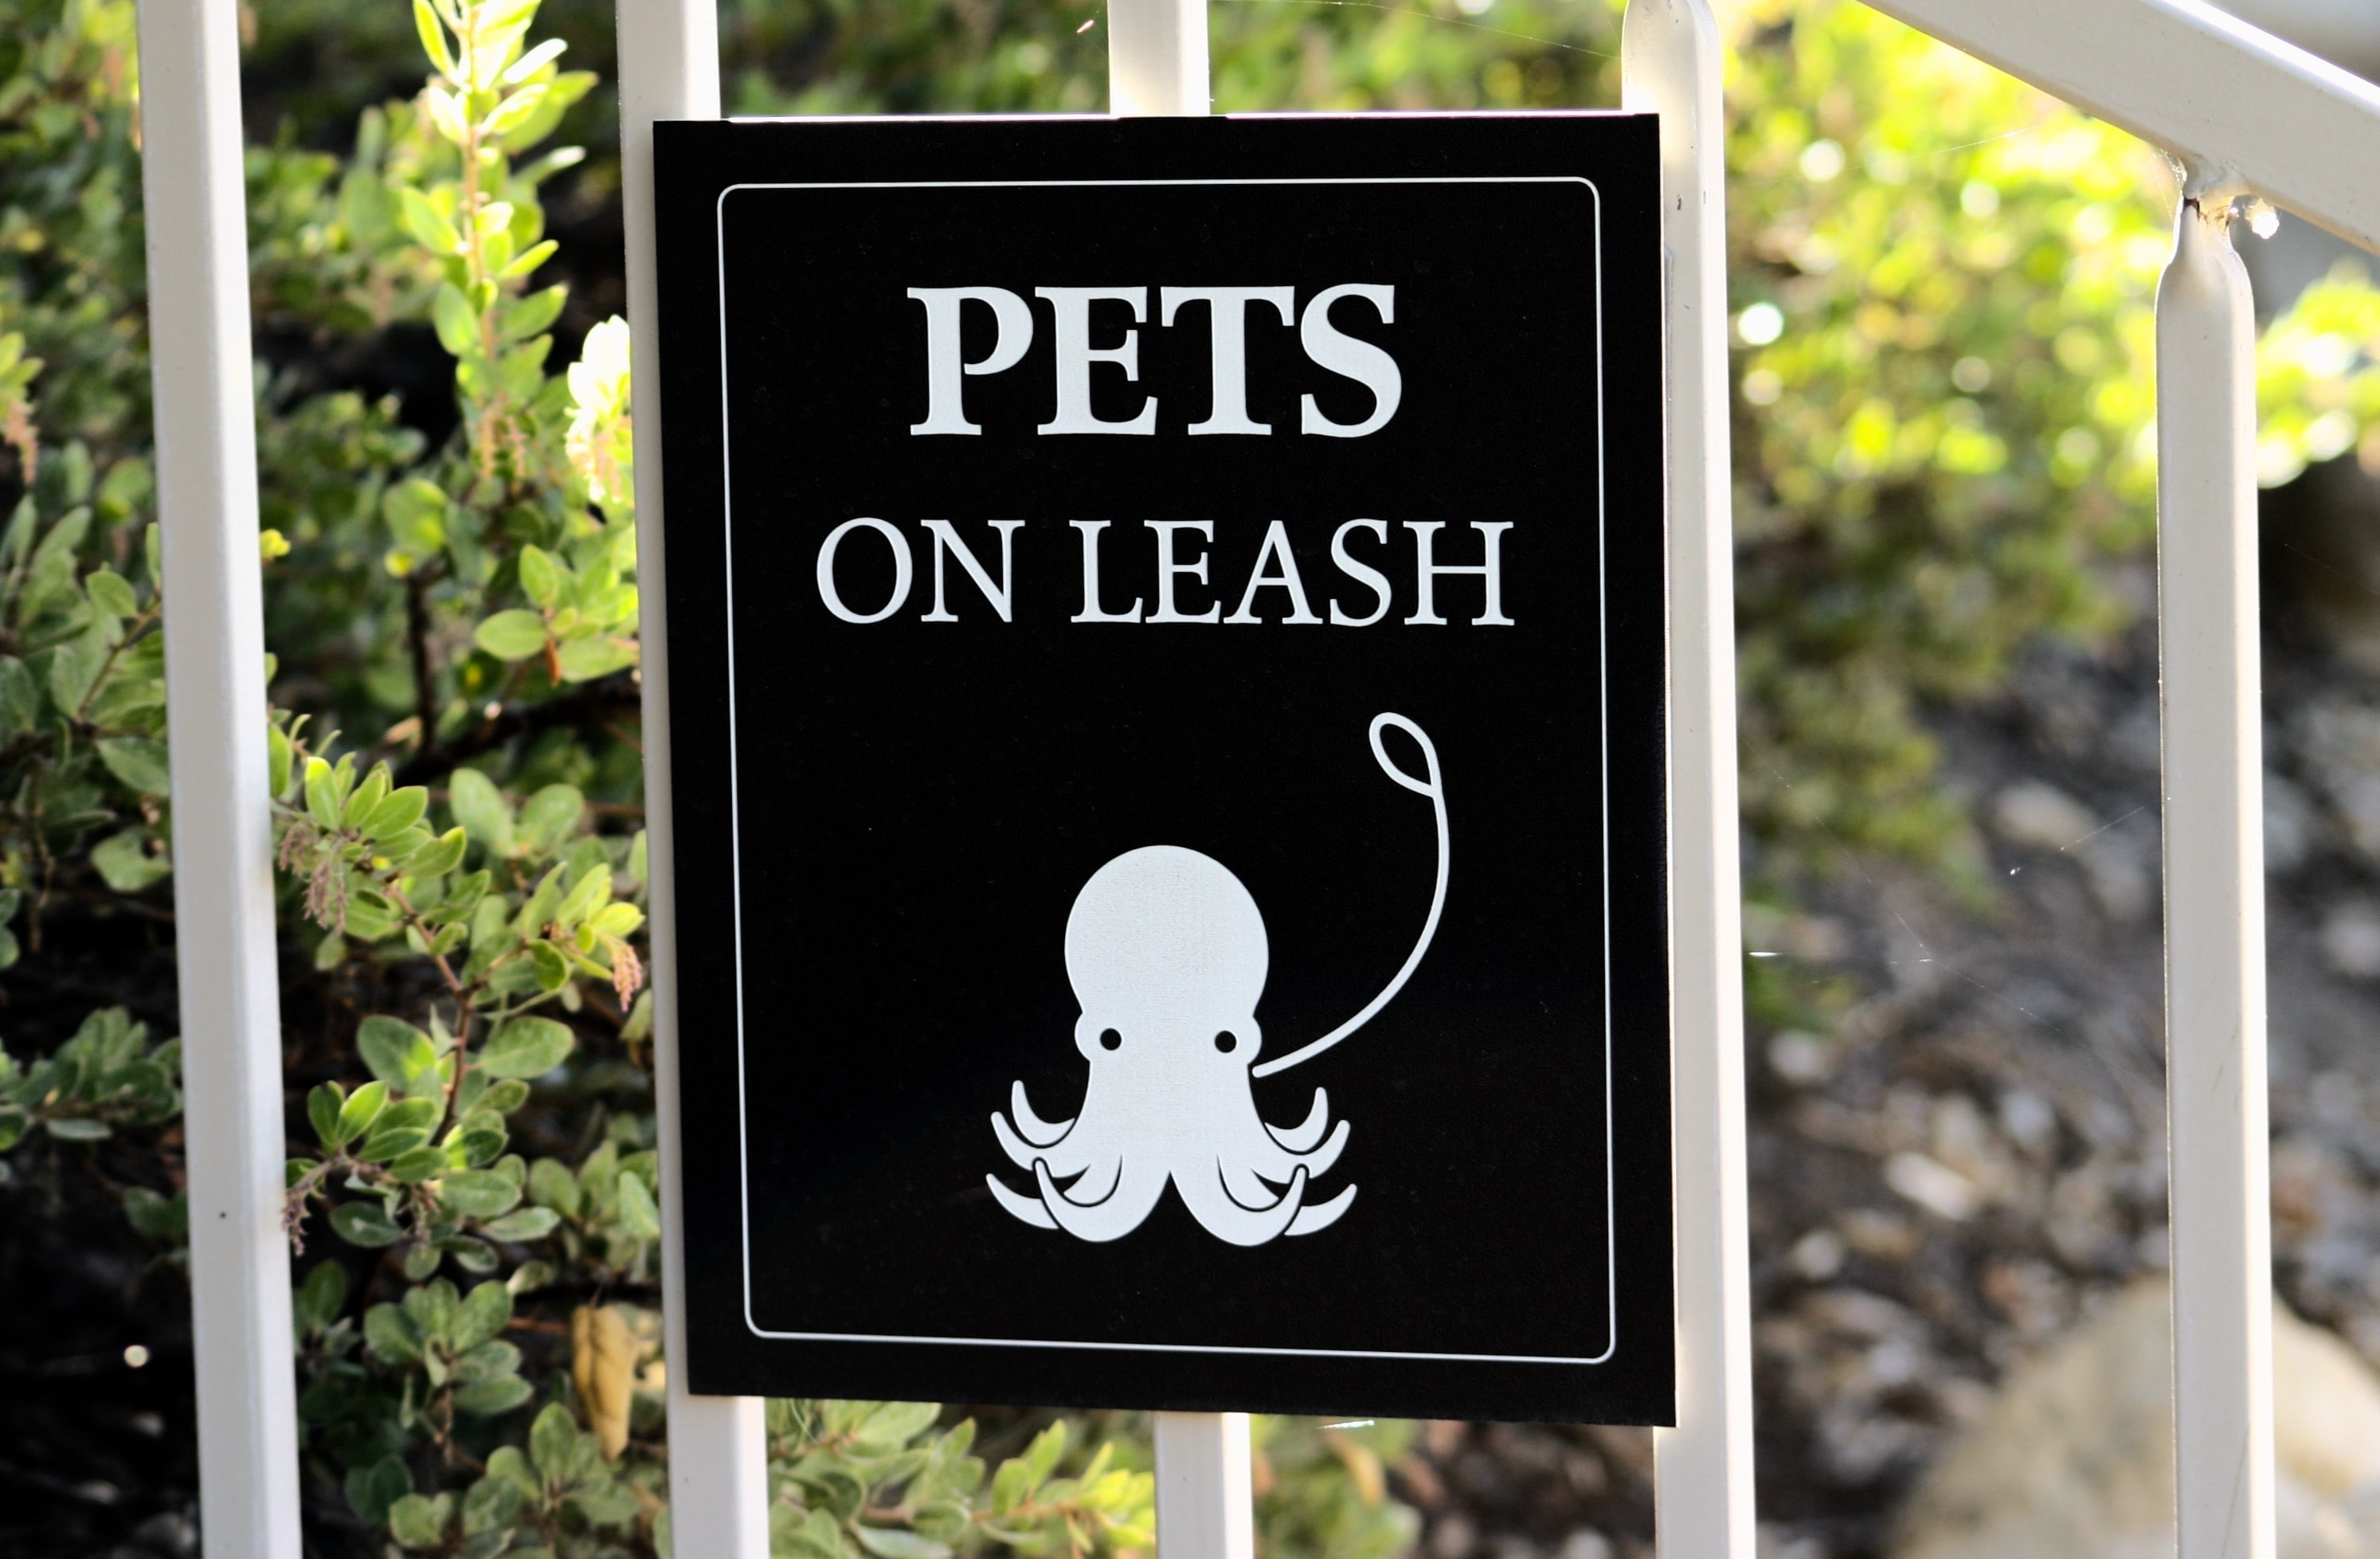 pets on leash signage